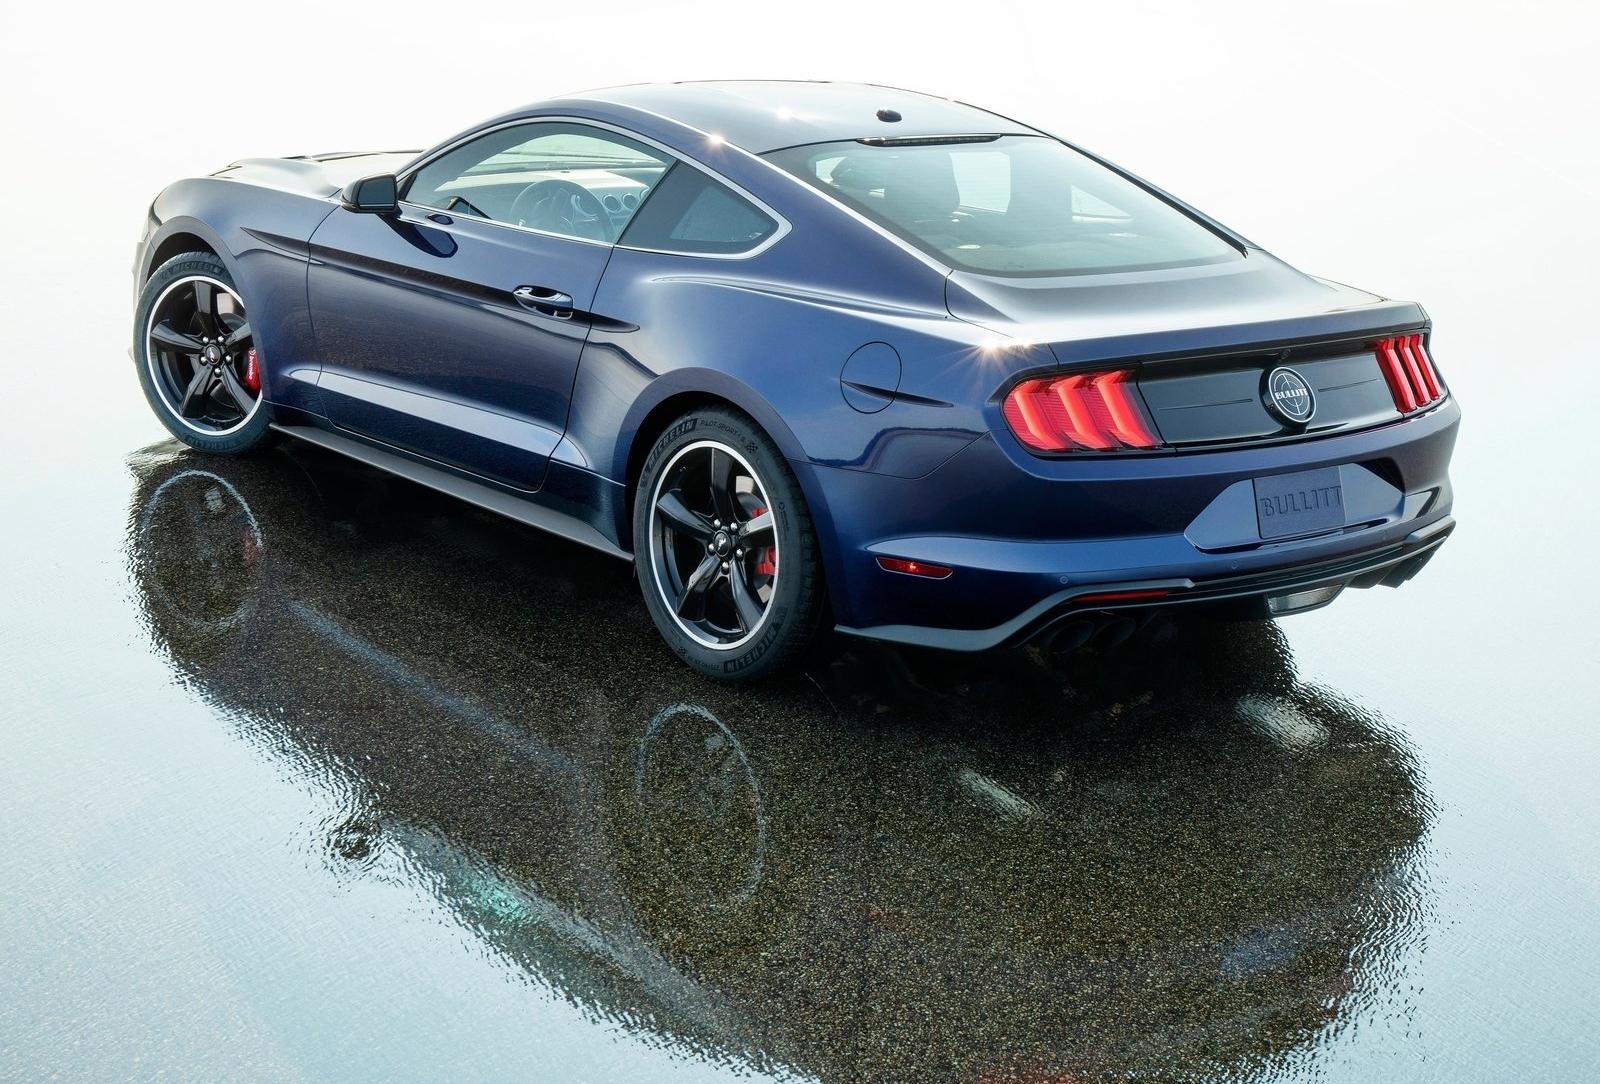 Ford Mustang Bullitt - Kona Blue